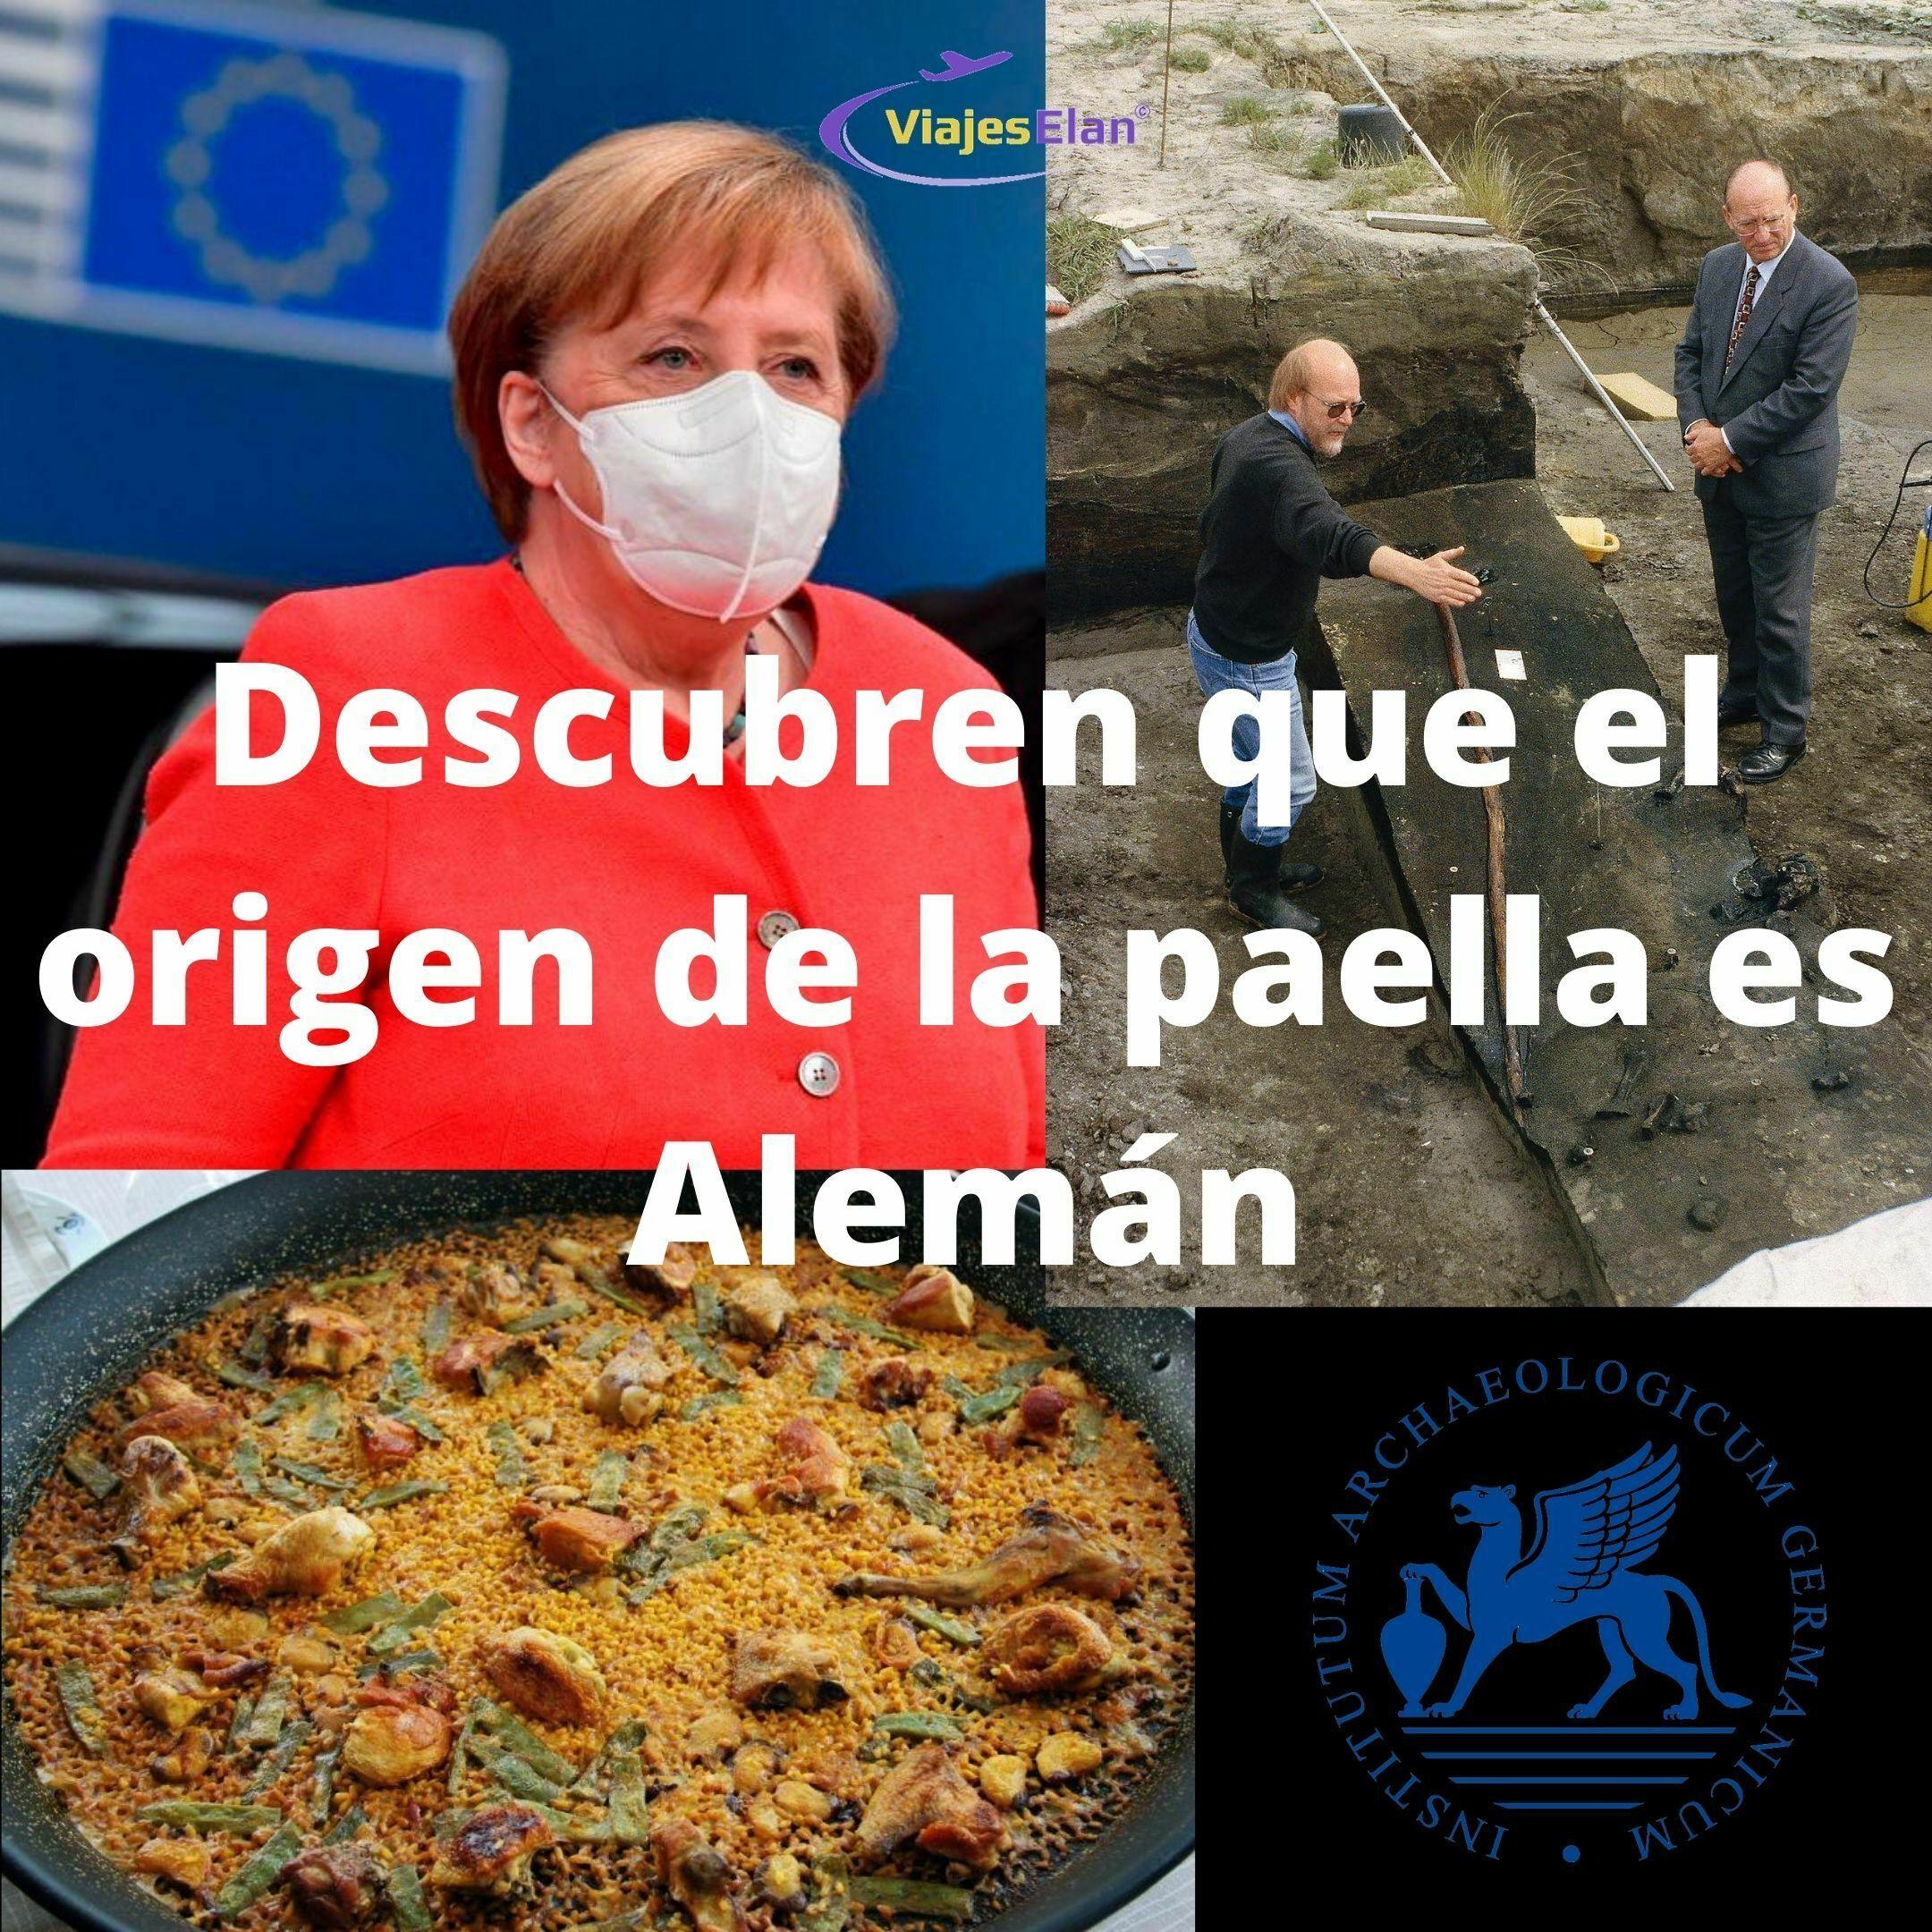 origen_de_la_paella_Valenciana_imagen